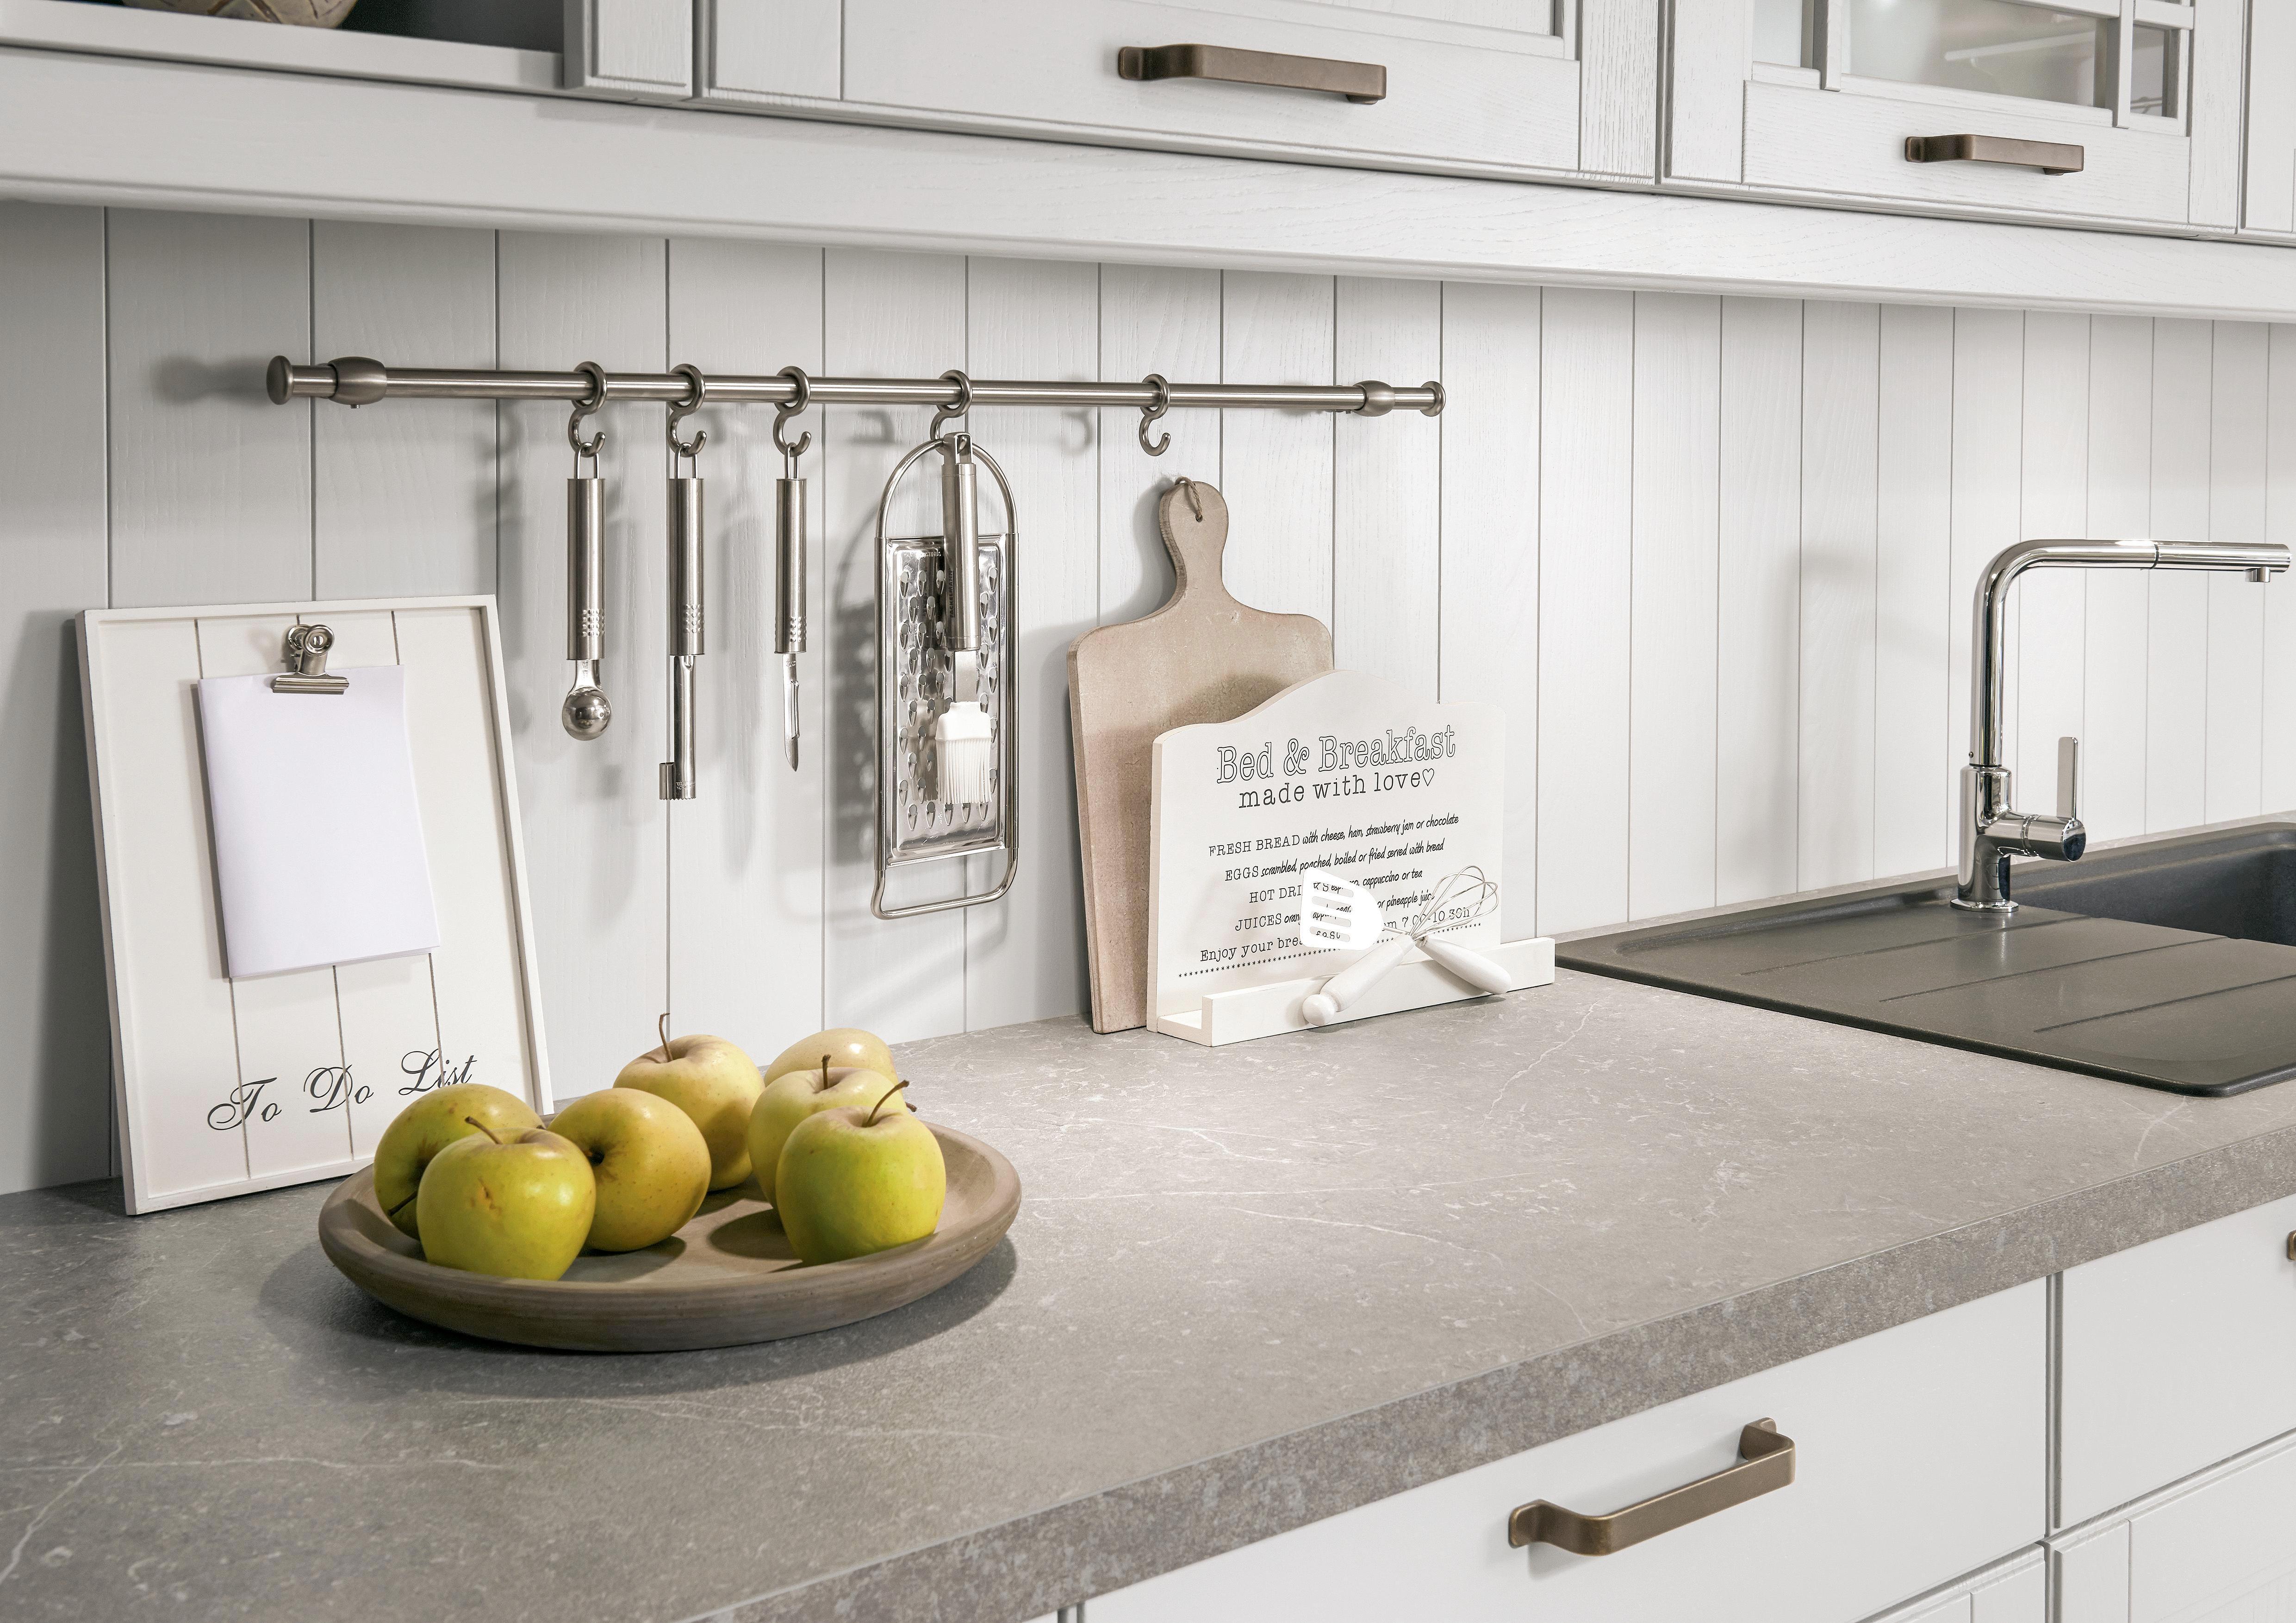 Schön Küchendesign Online Tool Lowes Fotos - Küche Set Ideen ...